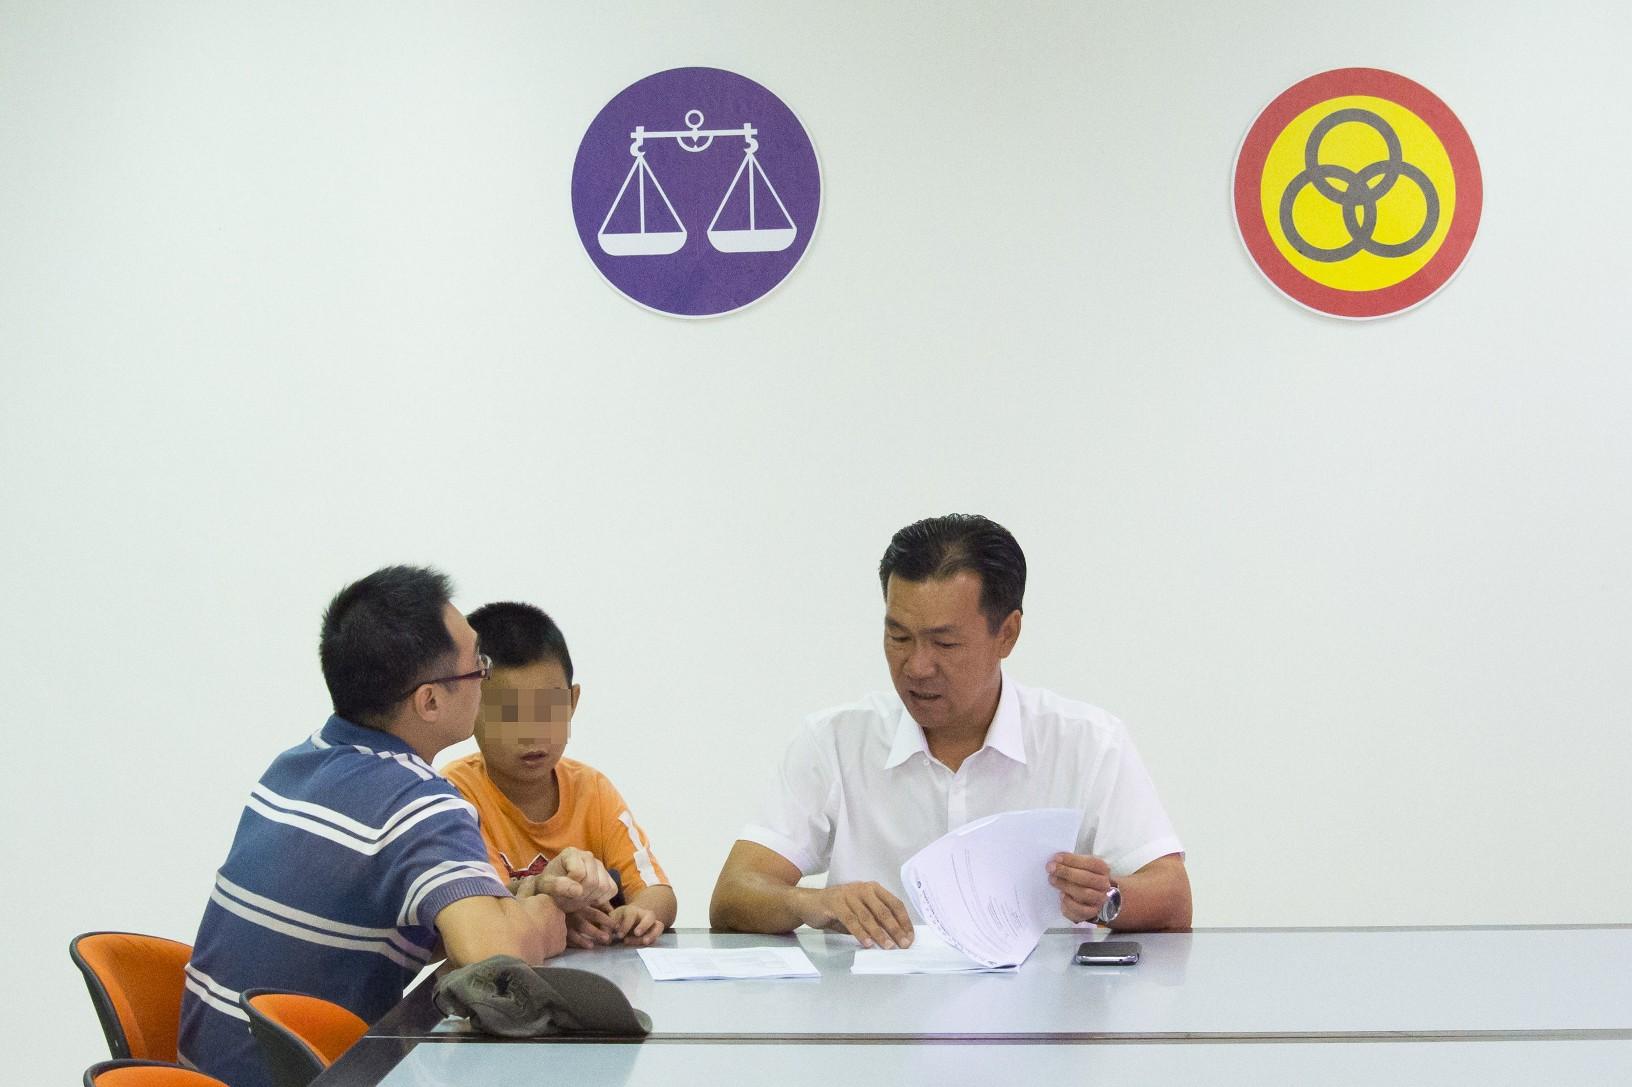 人联党公共投诉局主任叶耀星律师聆听男事主诉说其难题。经当事人要求,脸孔皆打蒙